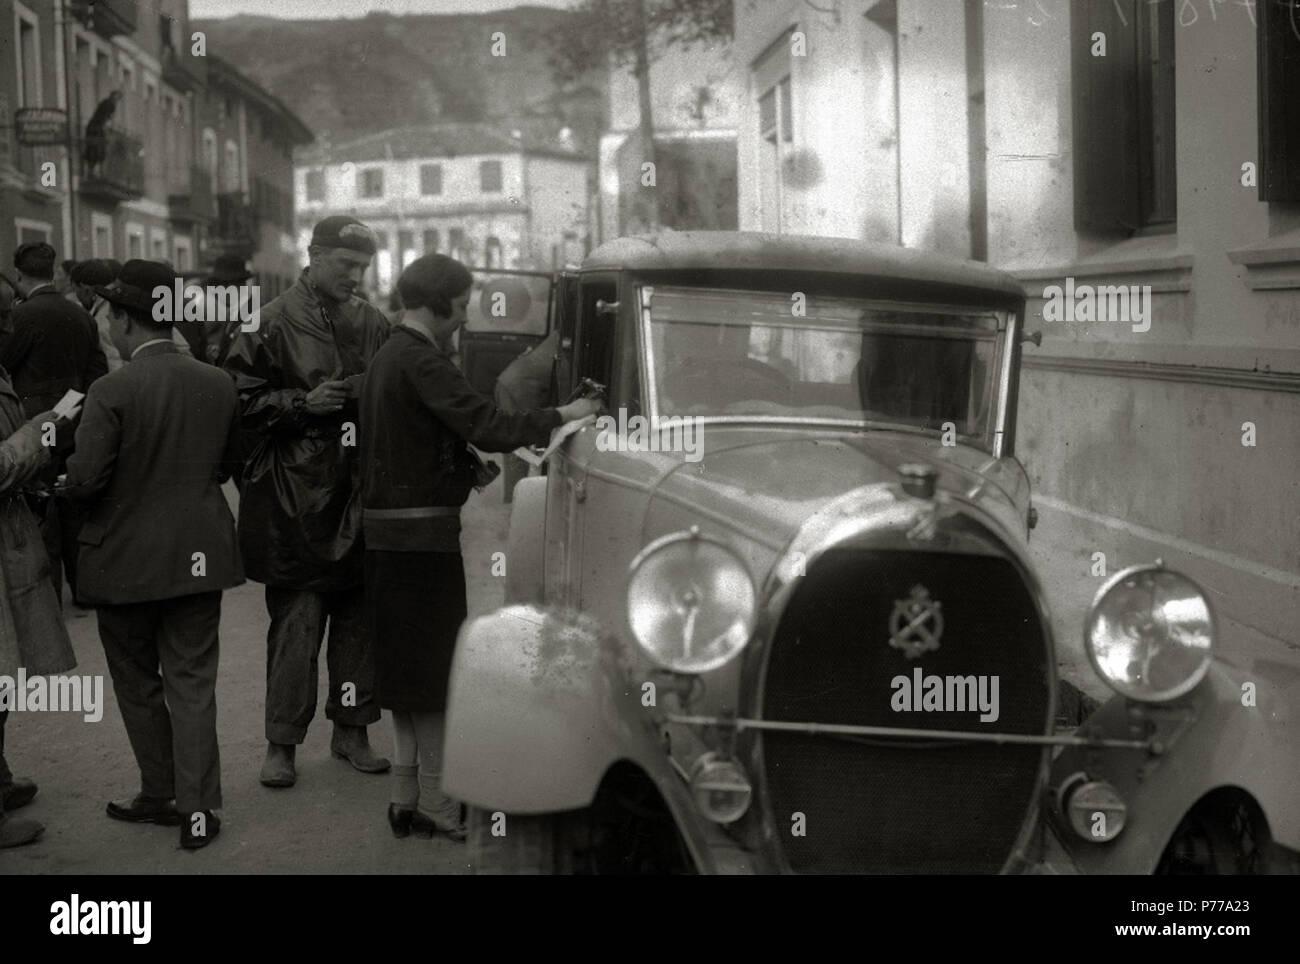 Español: Título original: Carrera motociclista en Behobia (2/4) Localización: Irún (Guipúzcoa)  . 1927 14 Carrera motociclista en Behobia (2 de 4) - Fondo Car-Kutxa Fototeka Stock Photo